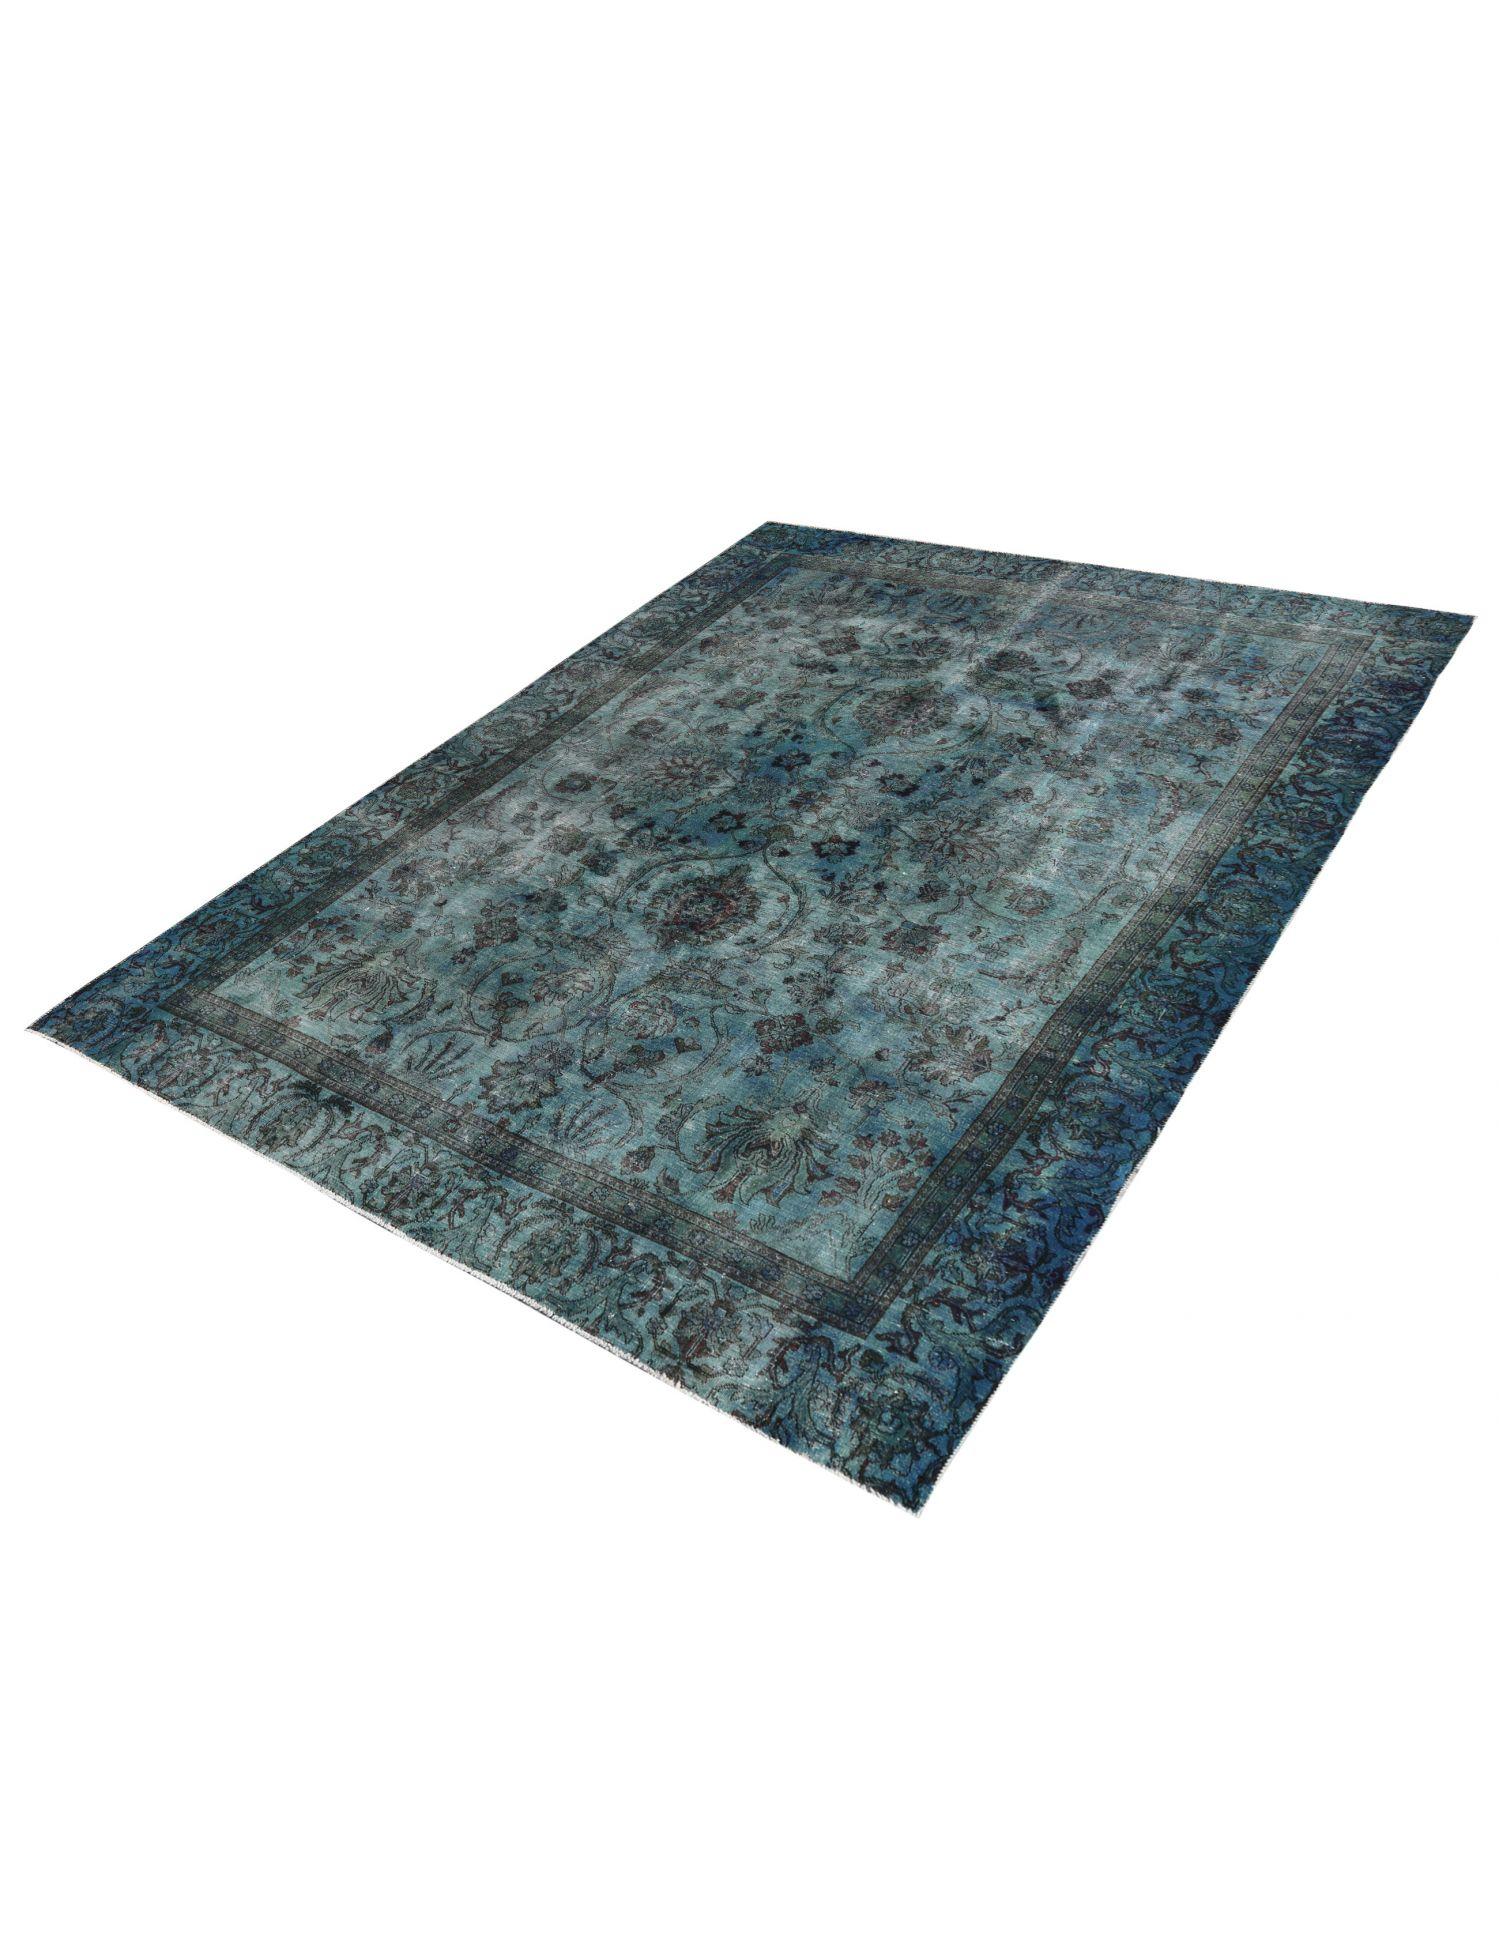 Vintage Teppich  türkis <br/>360 x 275 cm